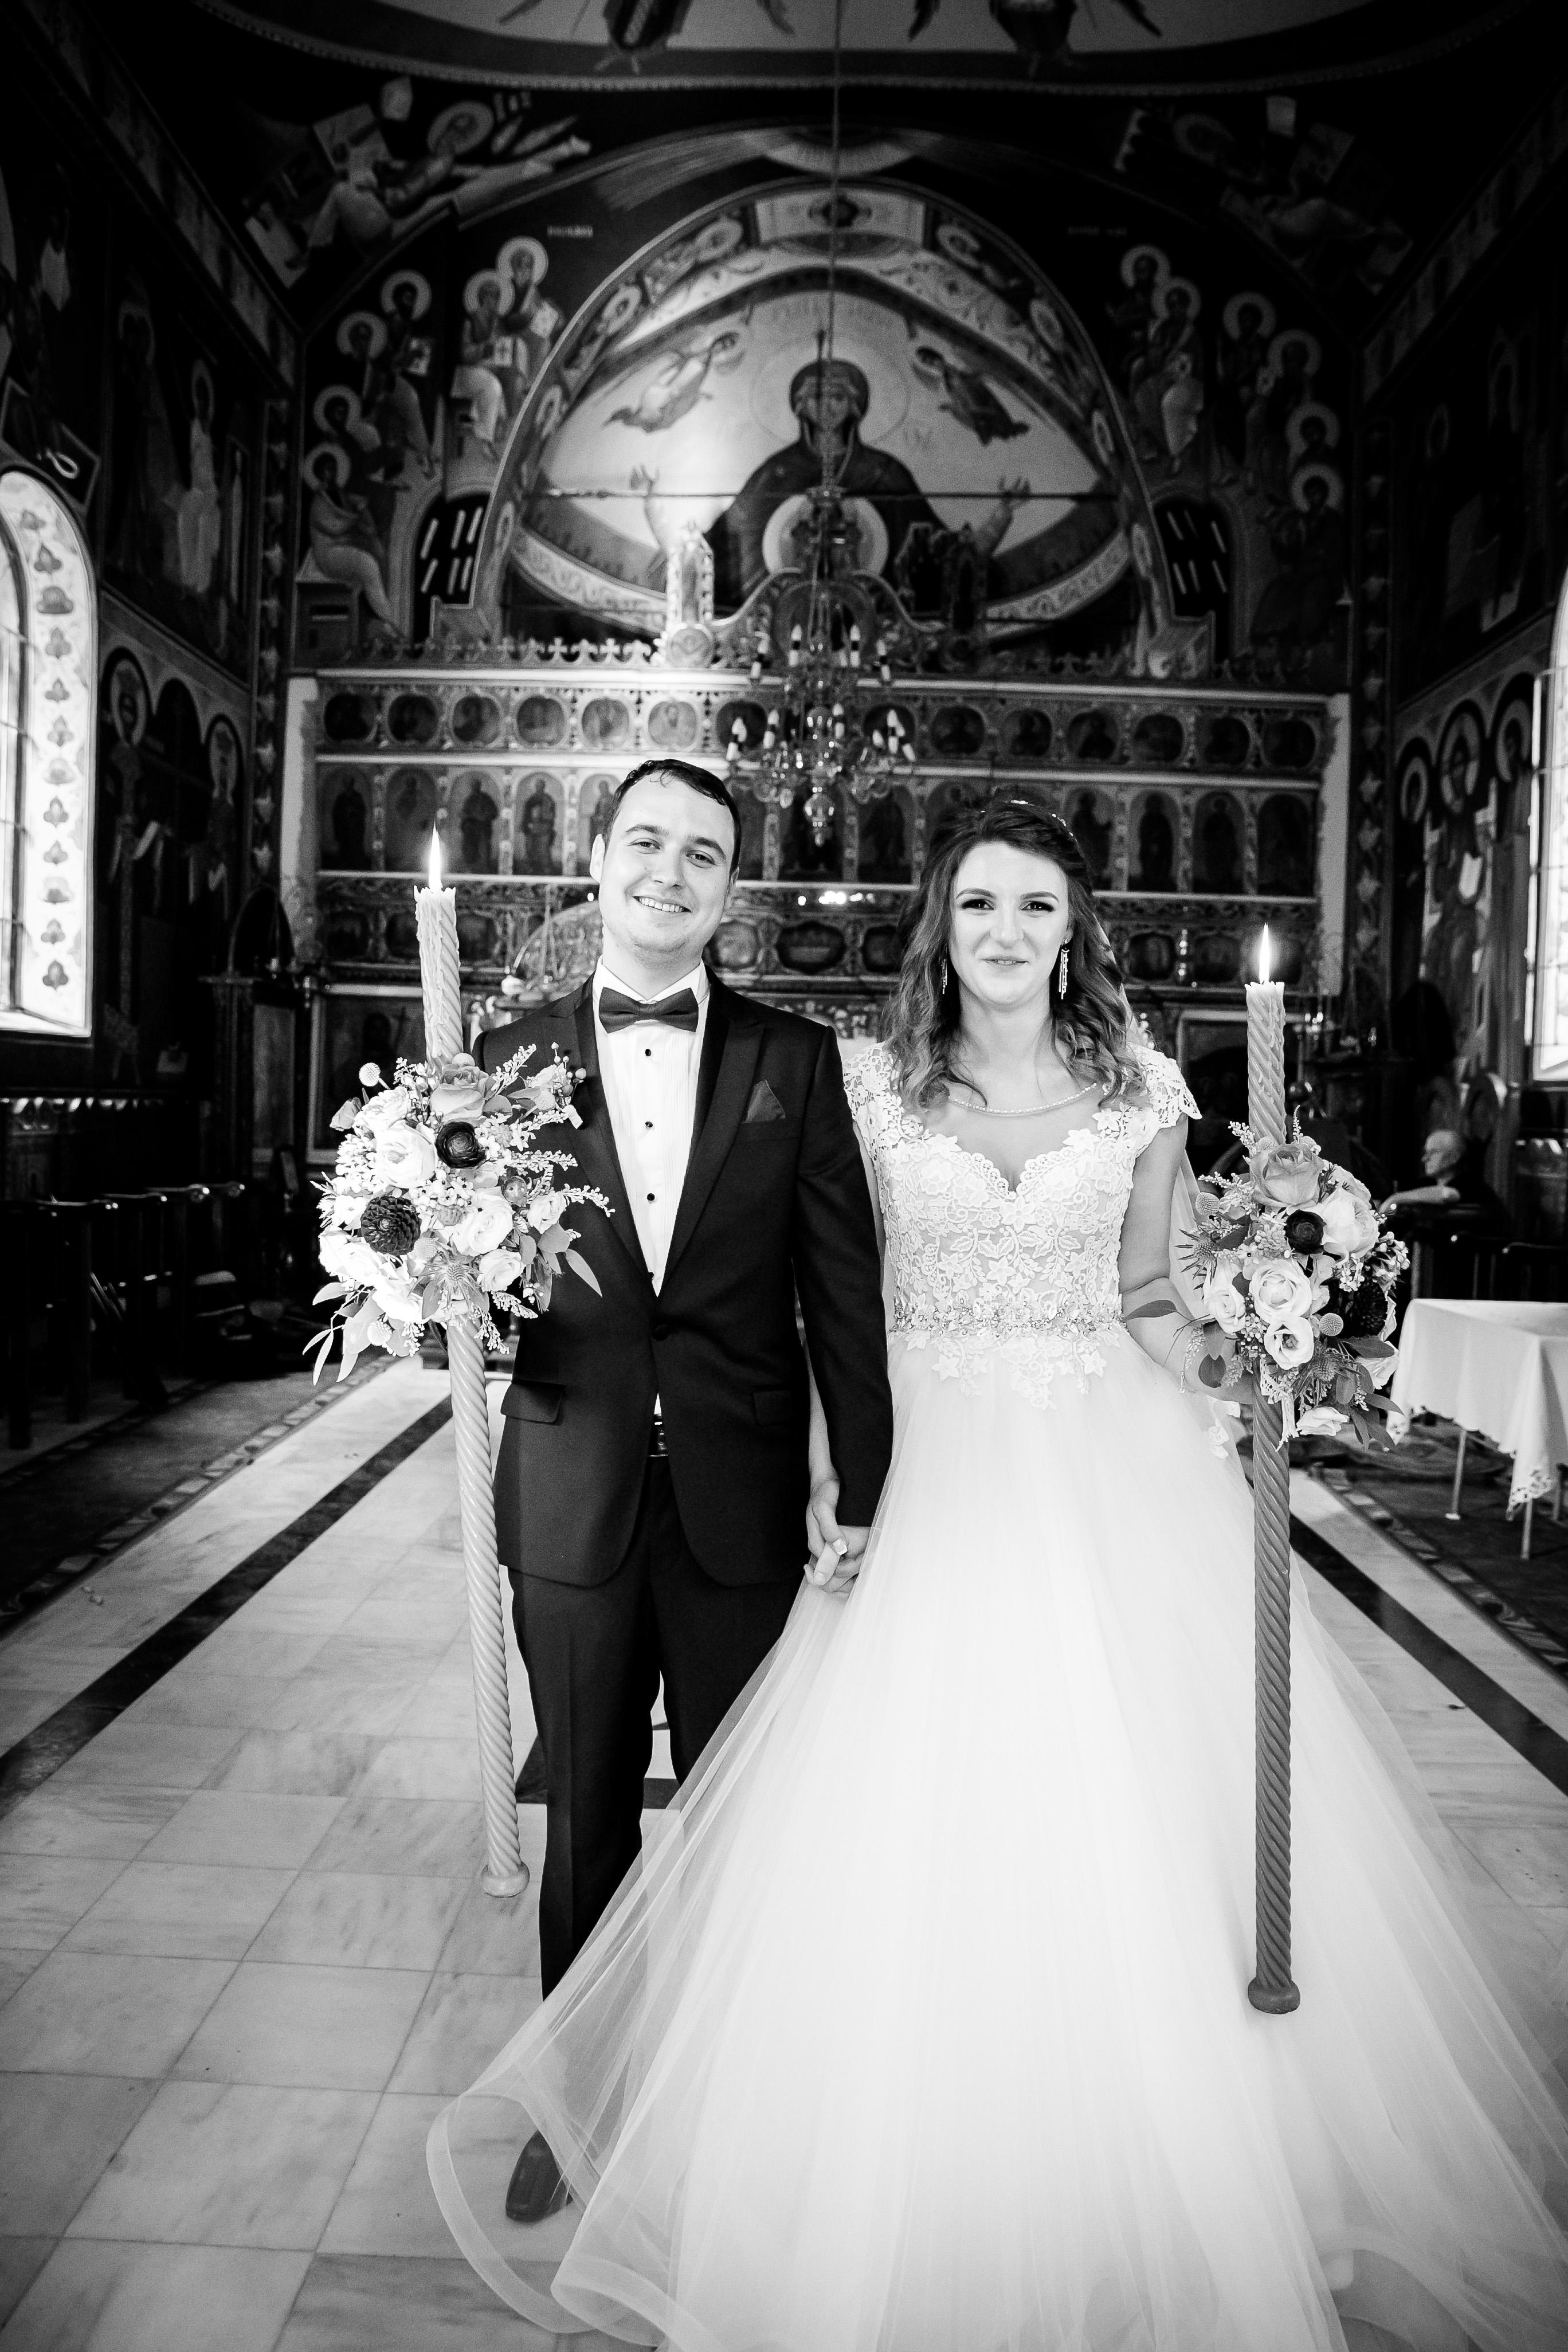 Alexandra si Vlad nunta iasi dupa cununia religiosa - fotograf profesionist nunta www.paulpadurariu.ro © 2017 Paul Padurariu